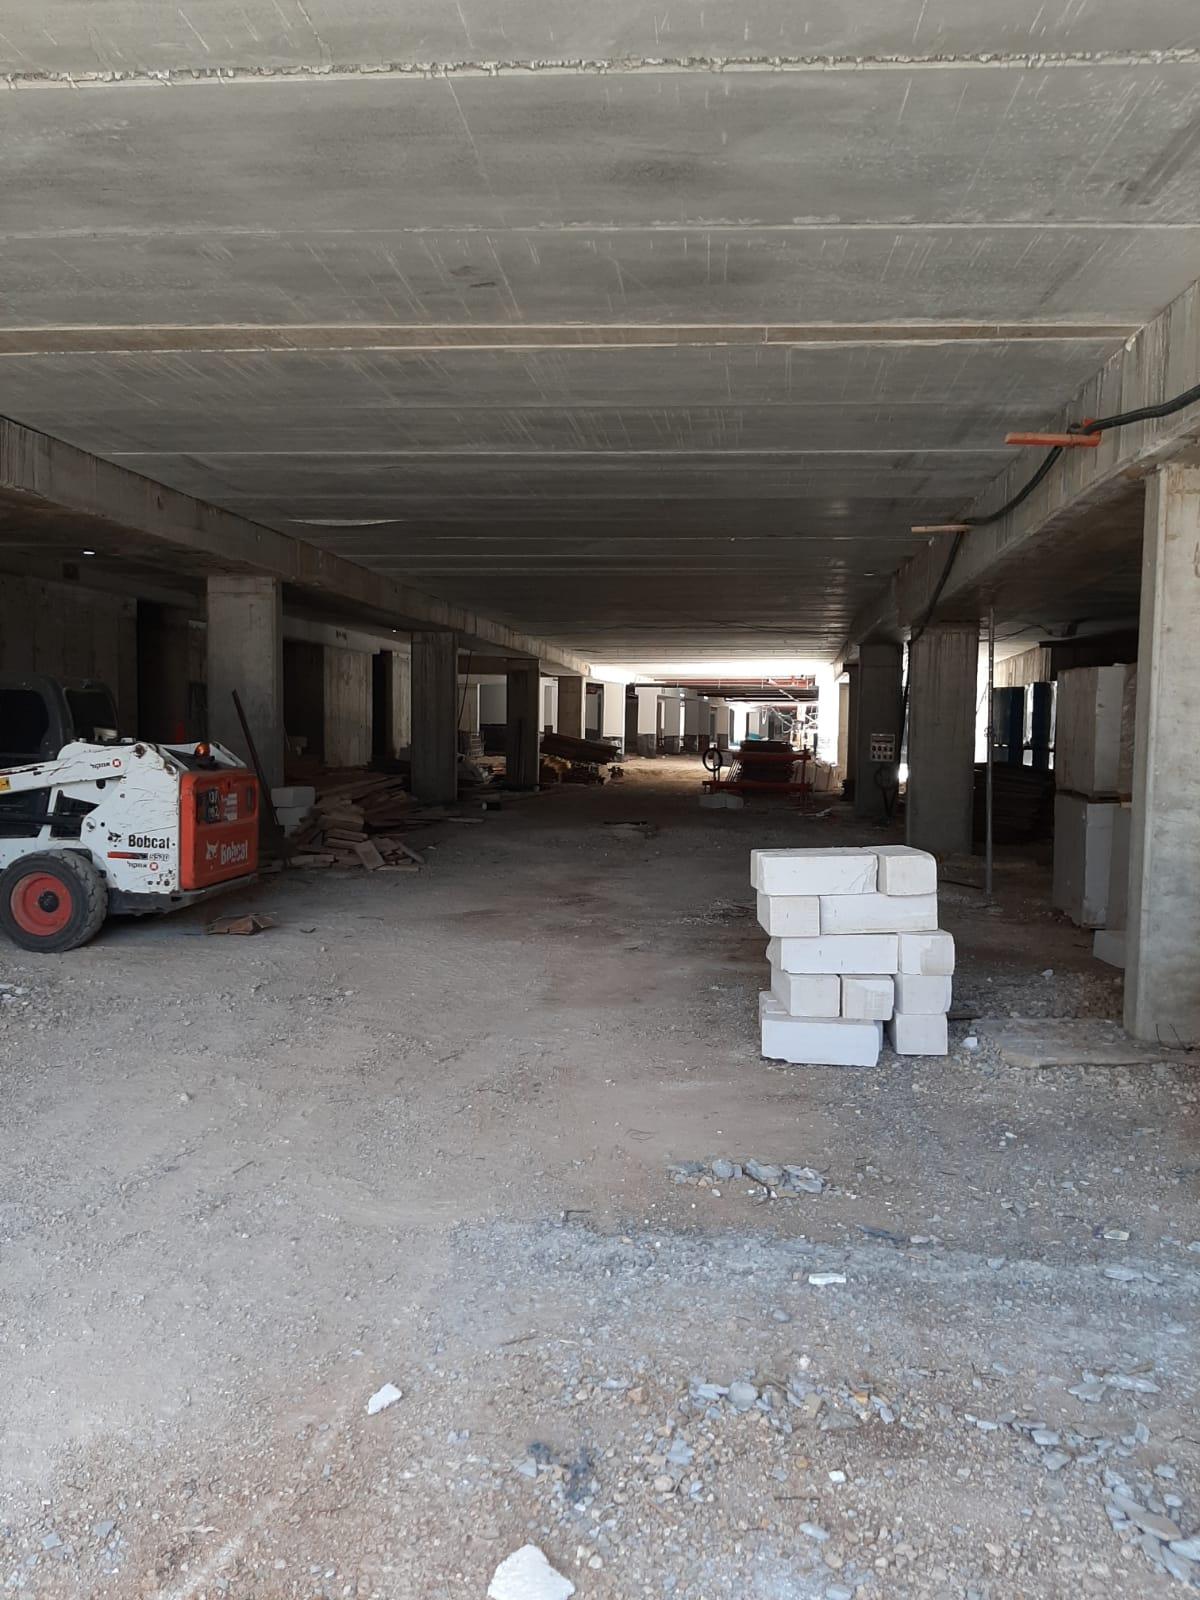 מגרש 107 סיום שלד בניינים - שדרת הפארק ועבודות מרתף - החלקת בטון וצבע | מגרש 106 התחלת שלדים - שדרת הפארק ועבודות סיום מרתף 05.05.2020